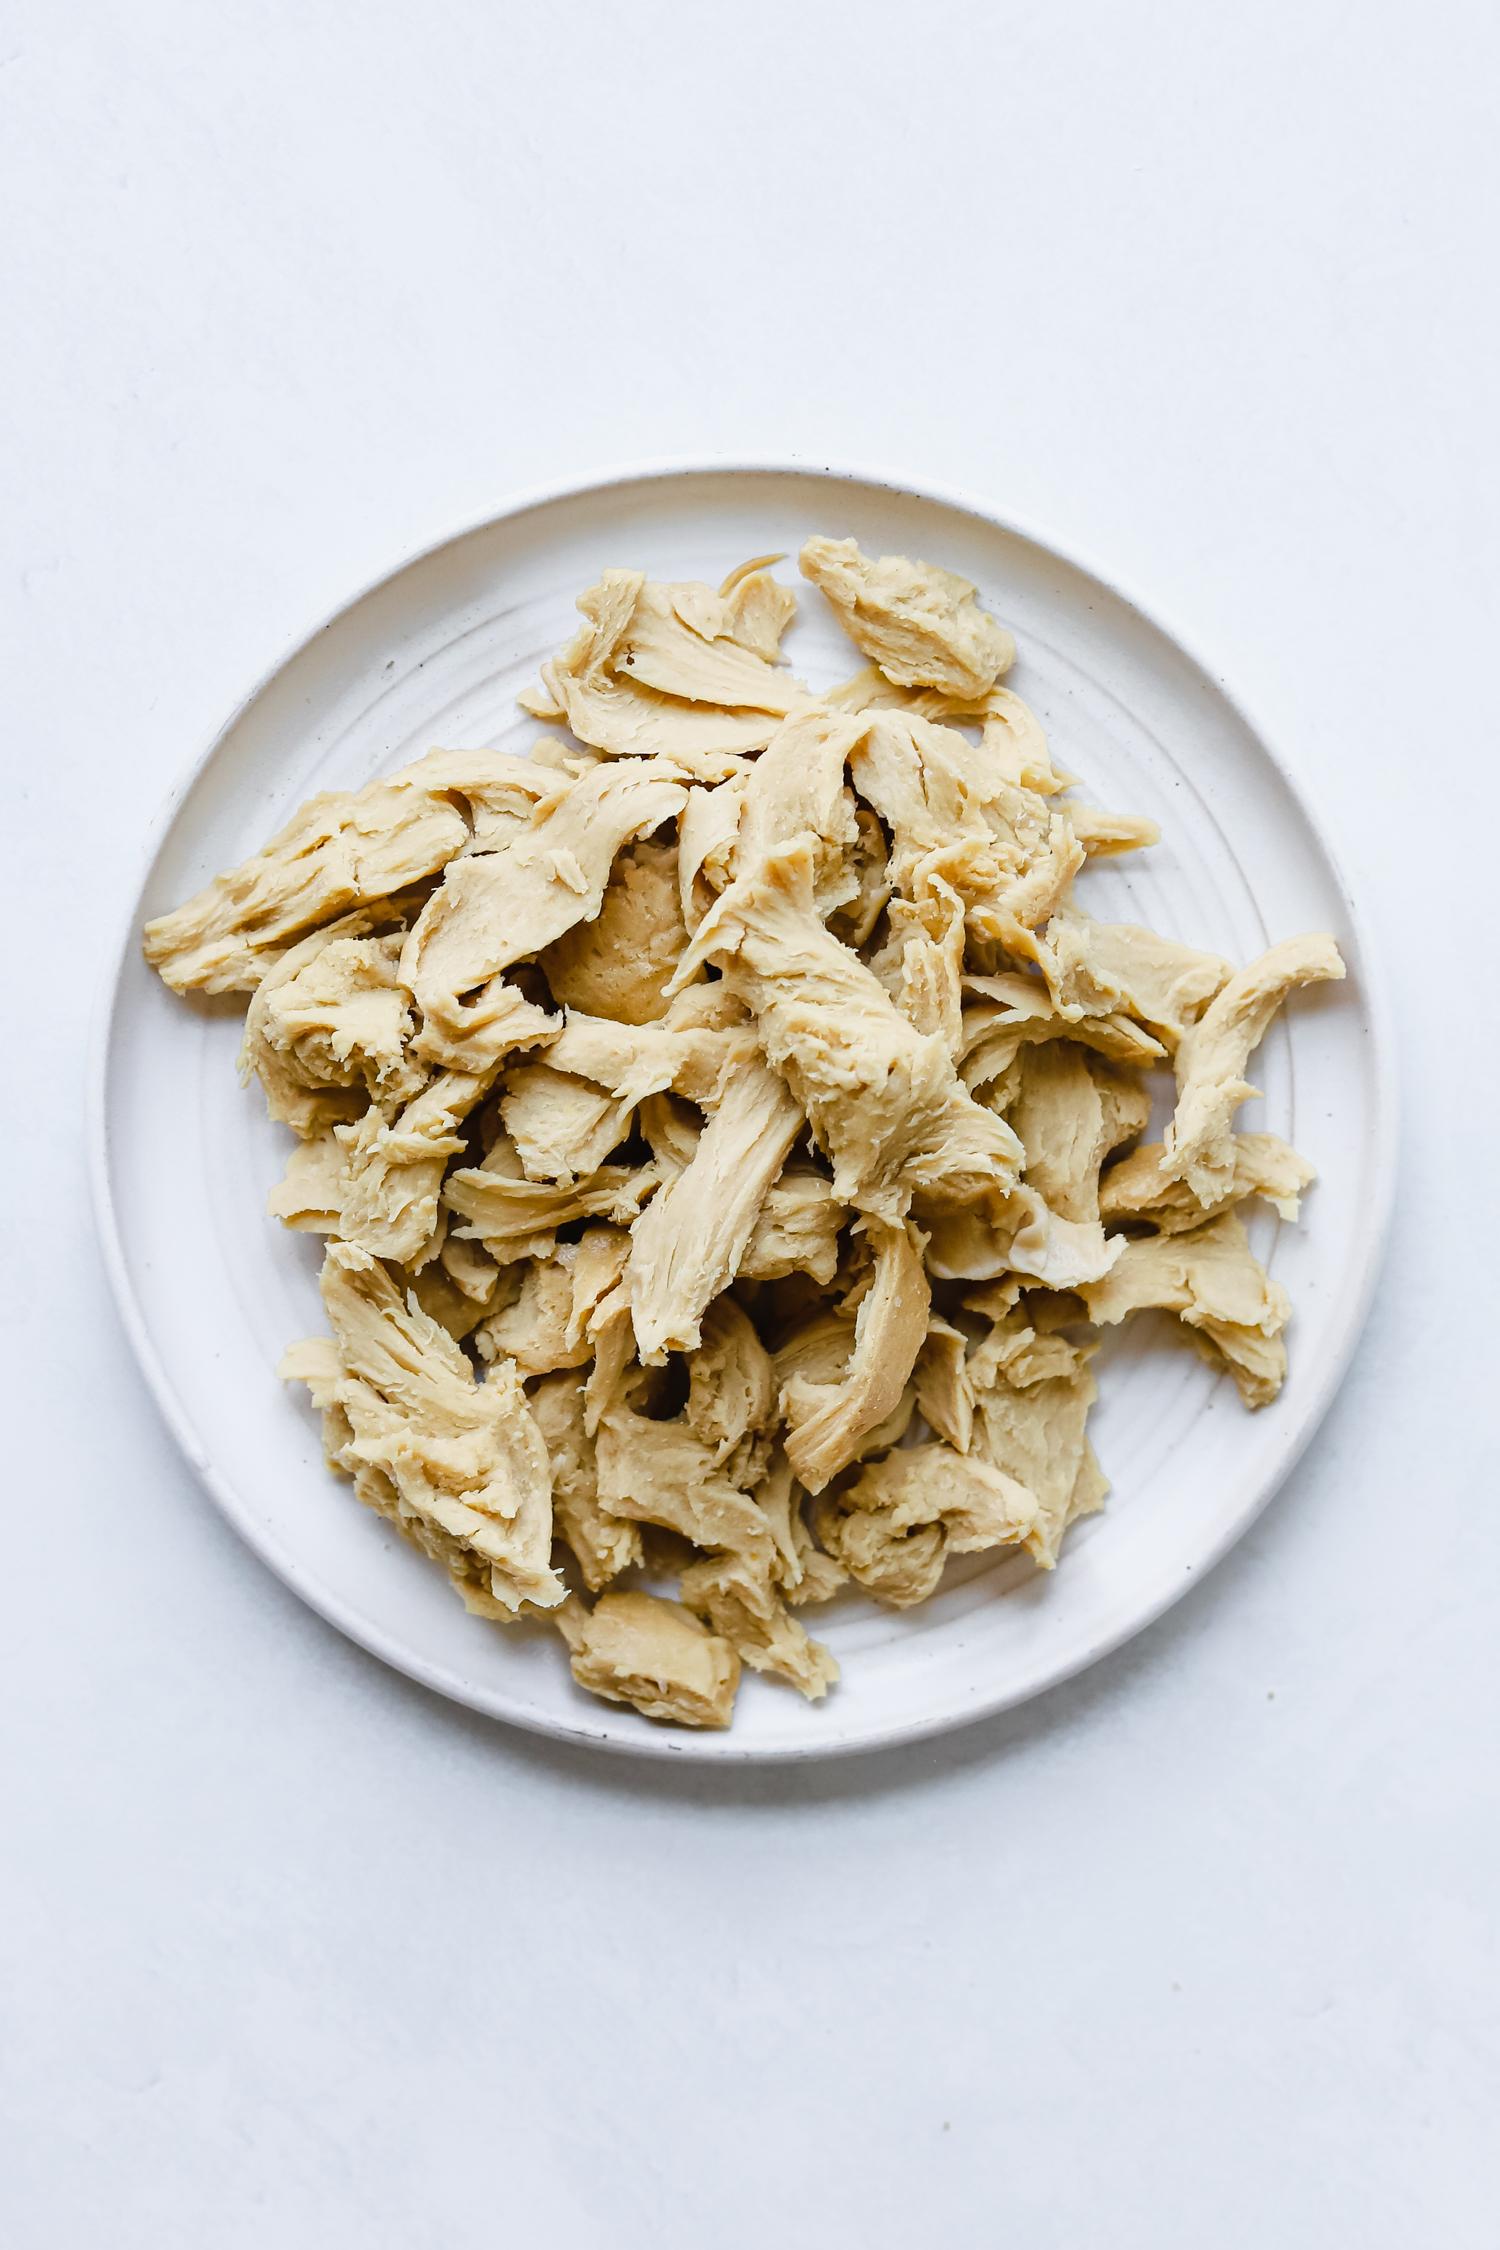 Seitan chicken shreds on a white plate.